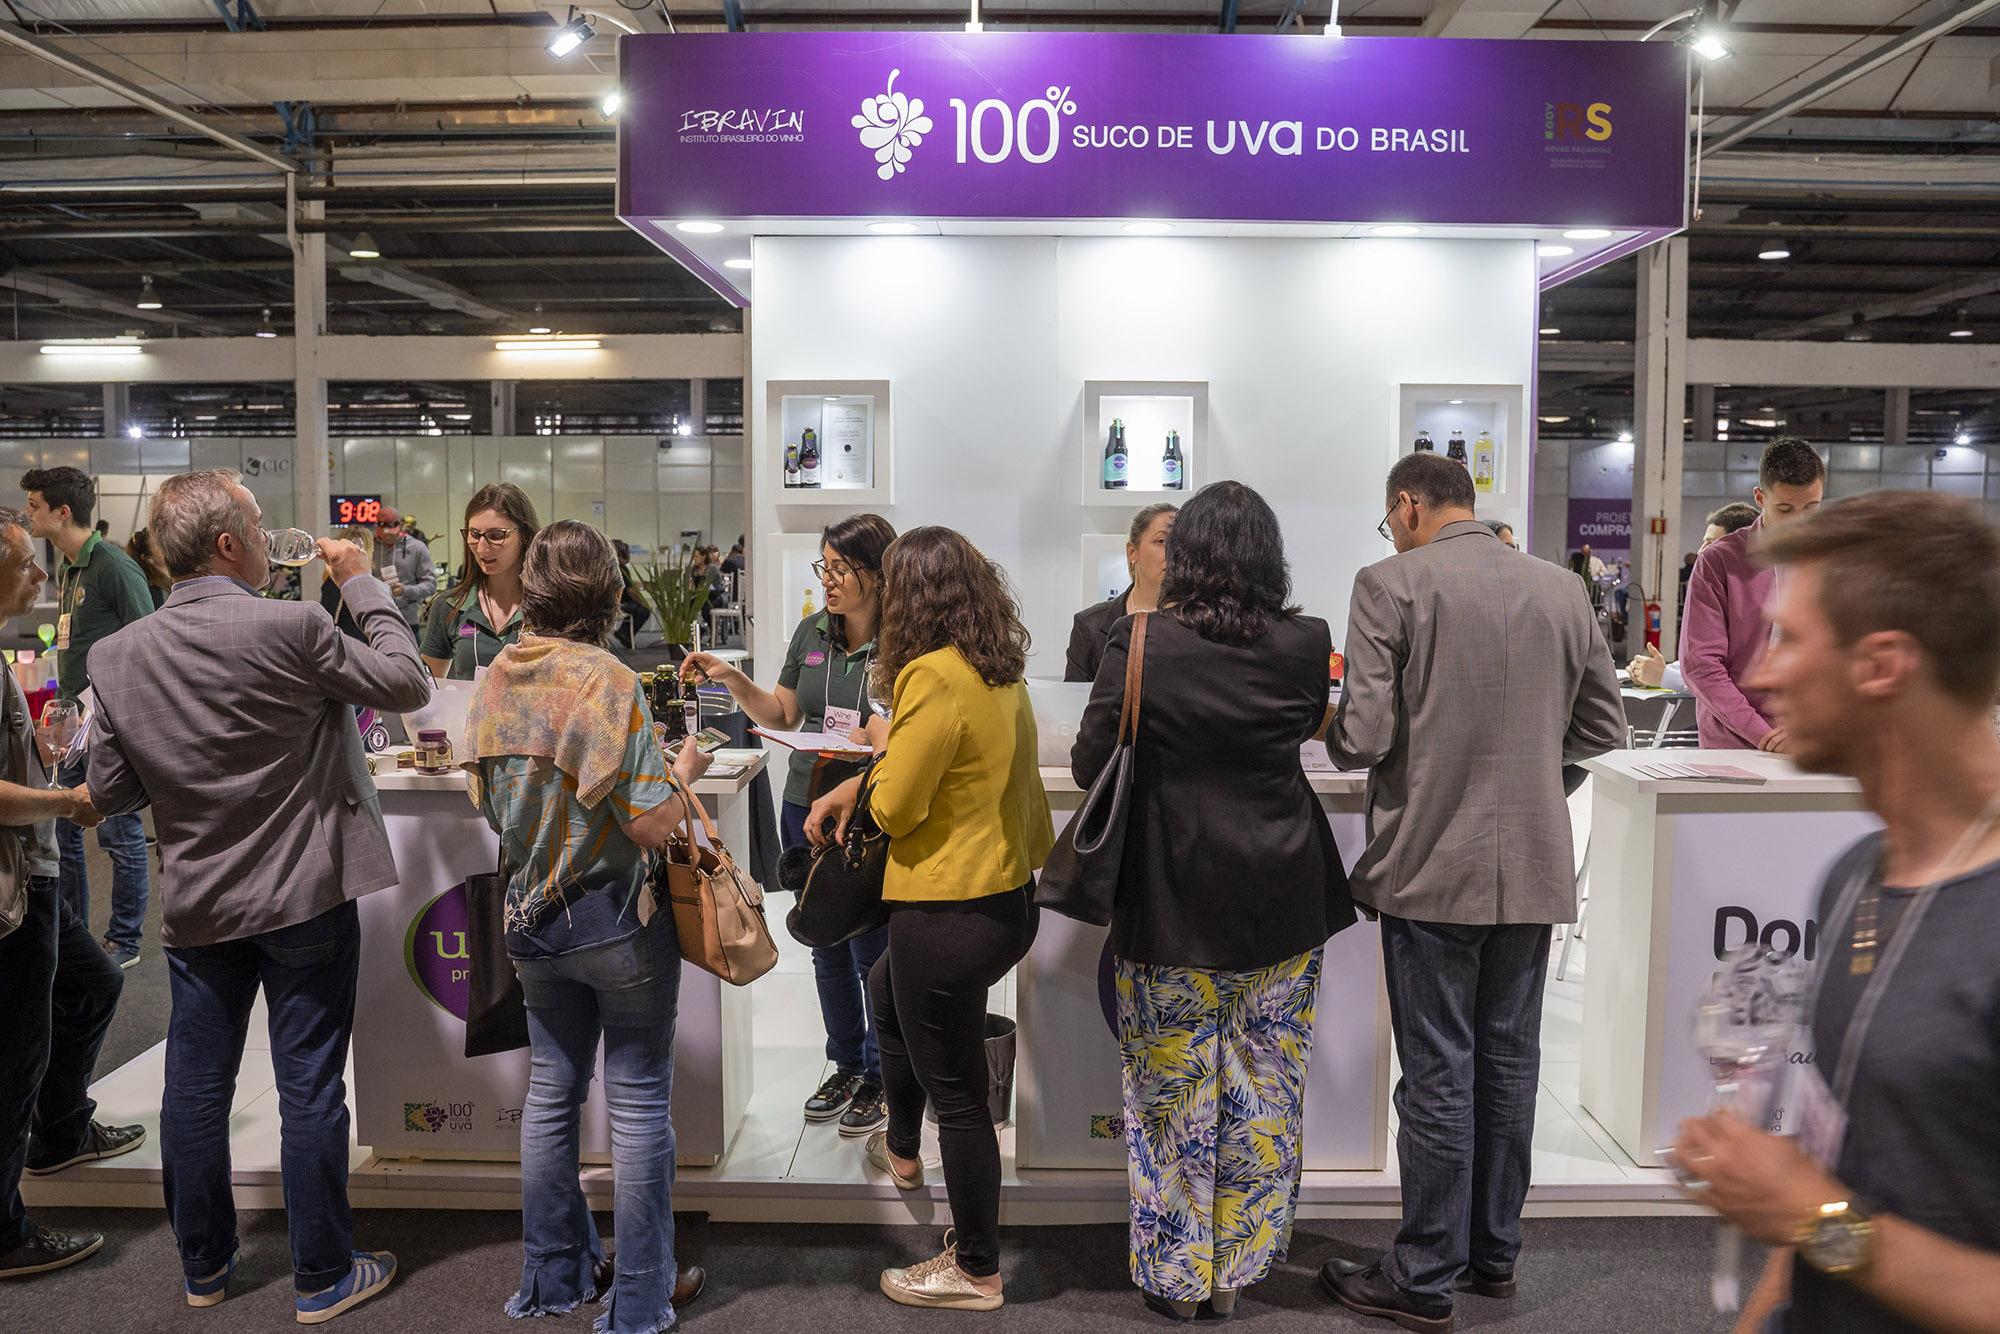 Crescimento de mercado do suco de uva chama atenção de compradores na Wine South America